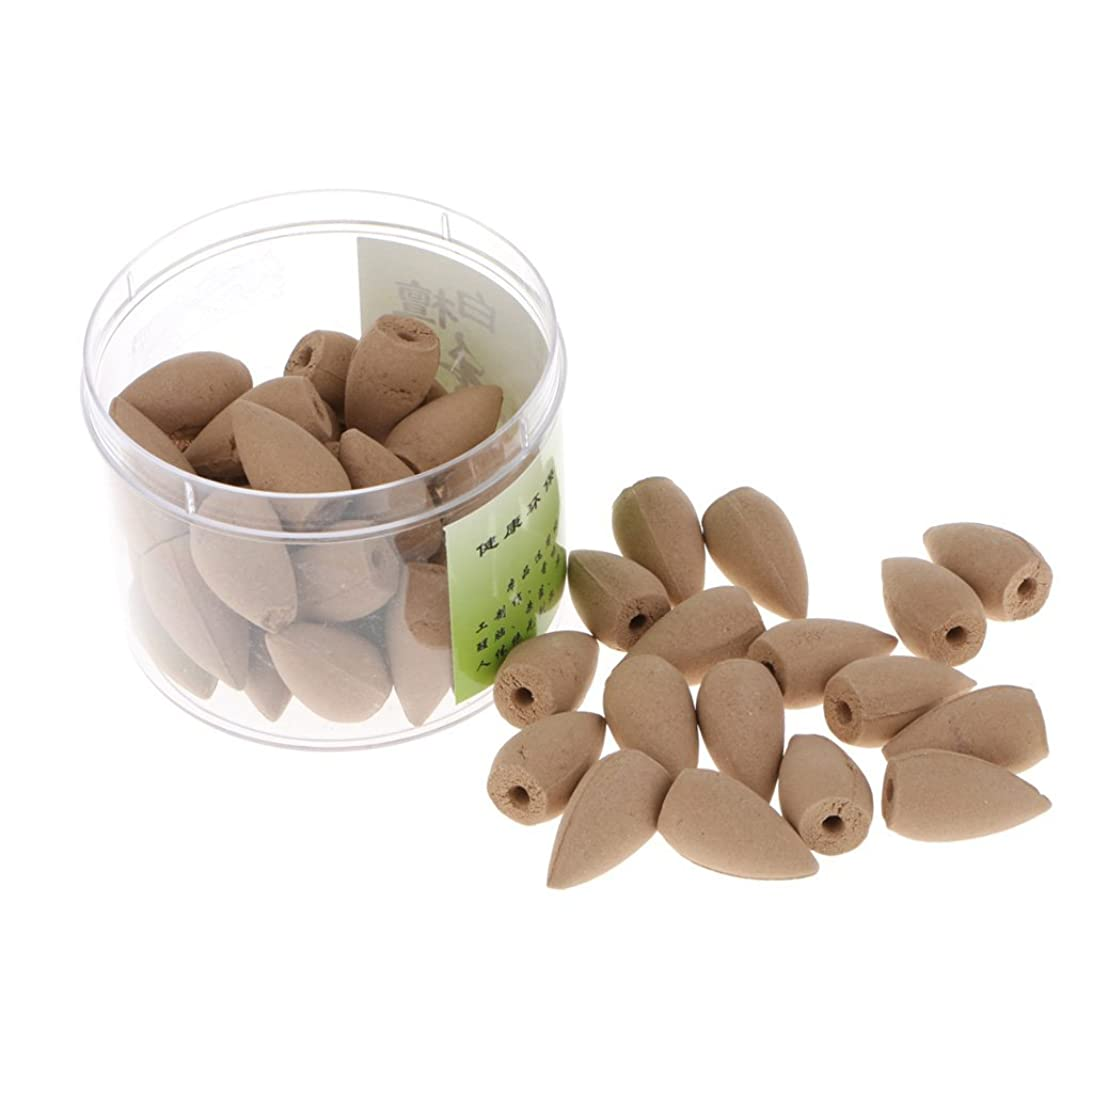 医療の不安誘発するHomyl スモールタワーコーン デザイン 逆流香り 仏教 サンダルウッド 空気 質 改善 多種選べる - #11